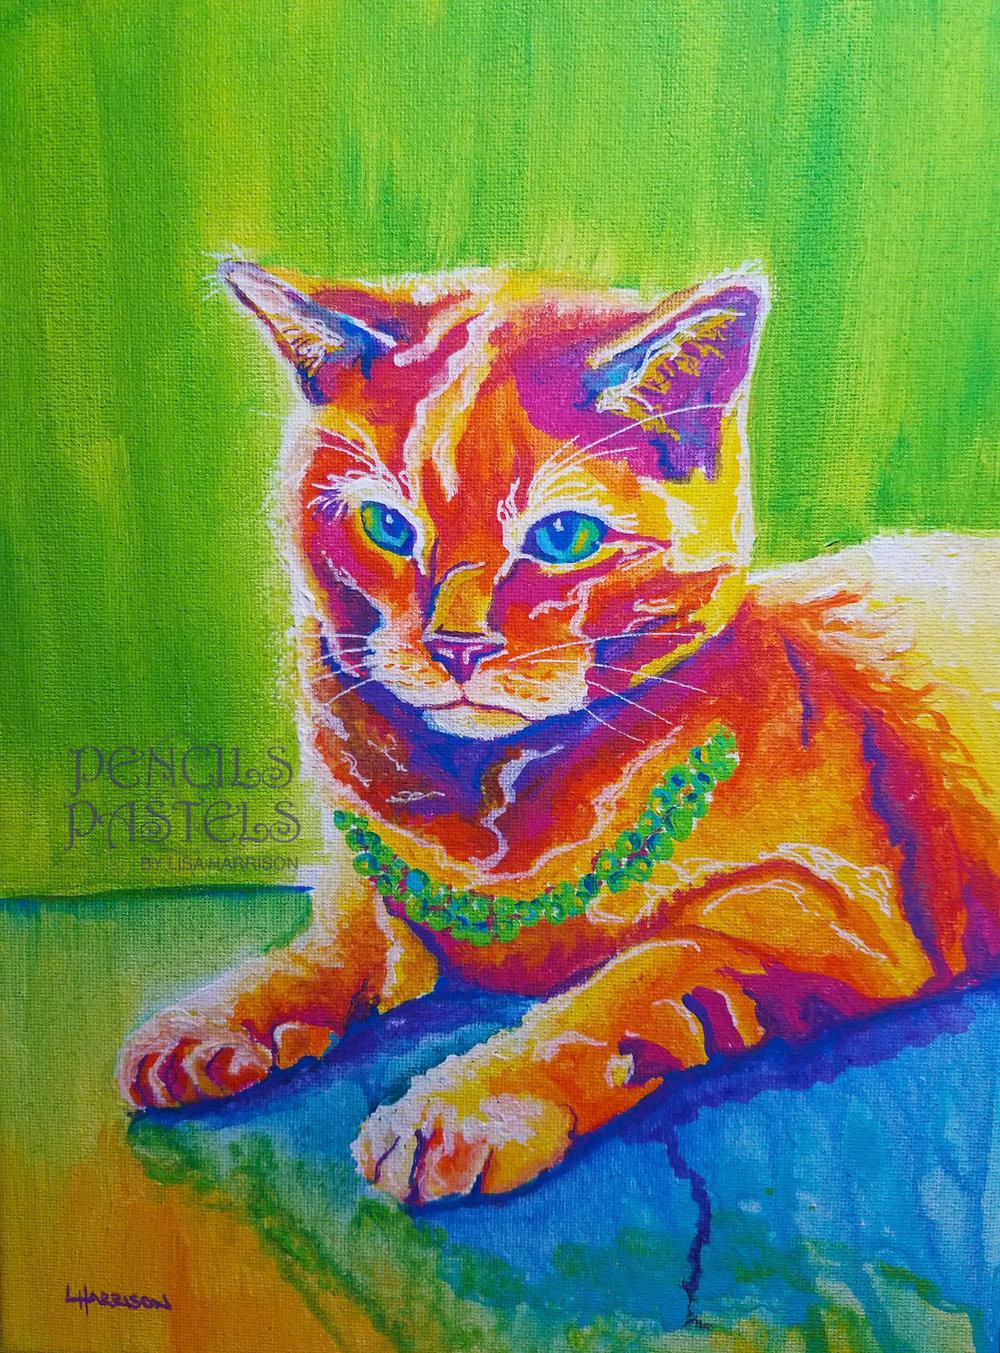 pop art cat pencils pastels by lisa harrisonpencils and pastels